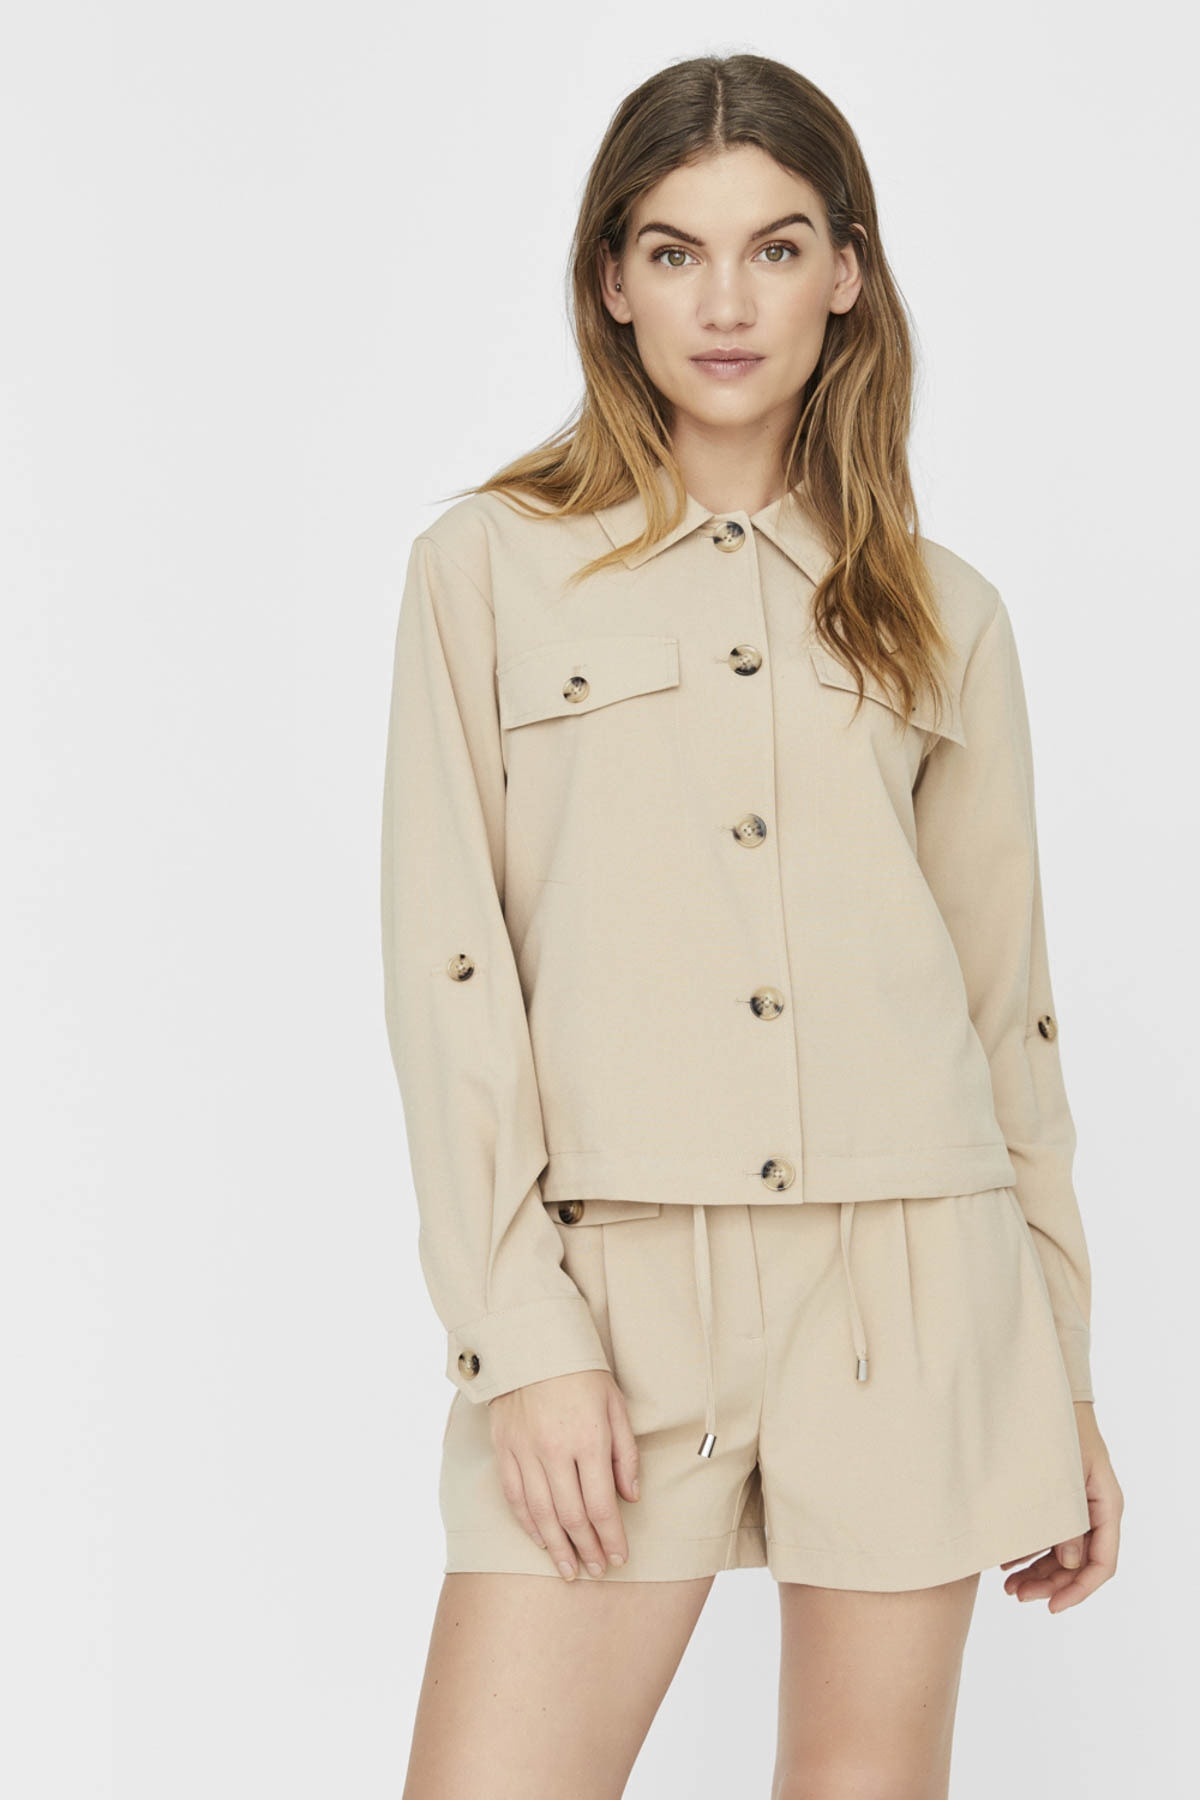 Vero Moda Kadın Bej Cep ve Düğme Detaylı Alttan Büzülebilir Ceket 10230717 VMOFELIA 2